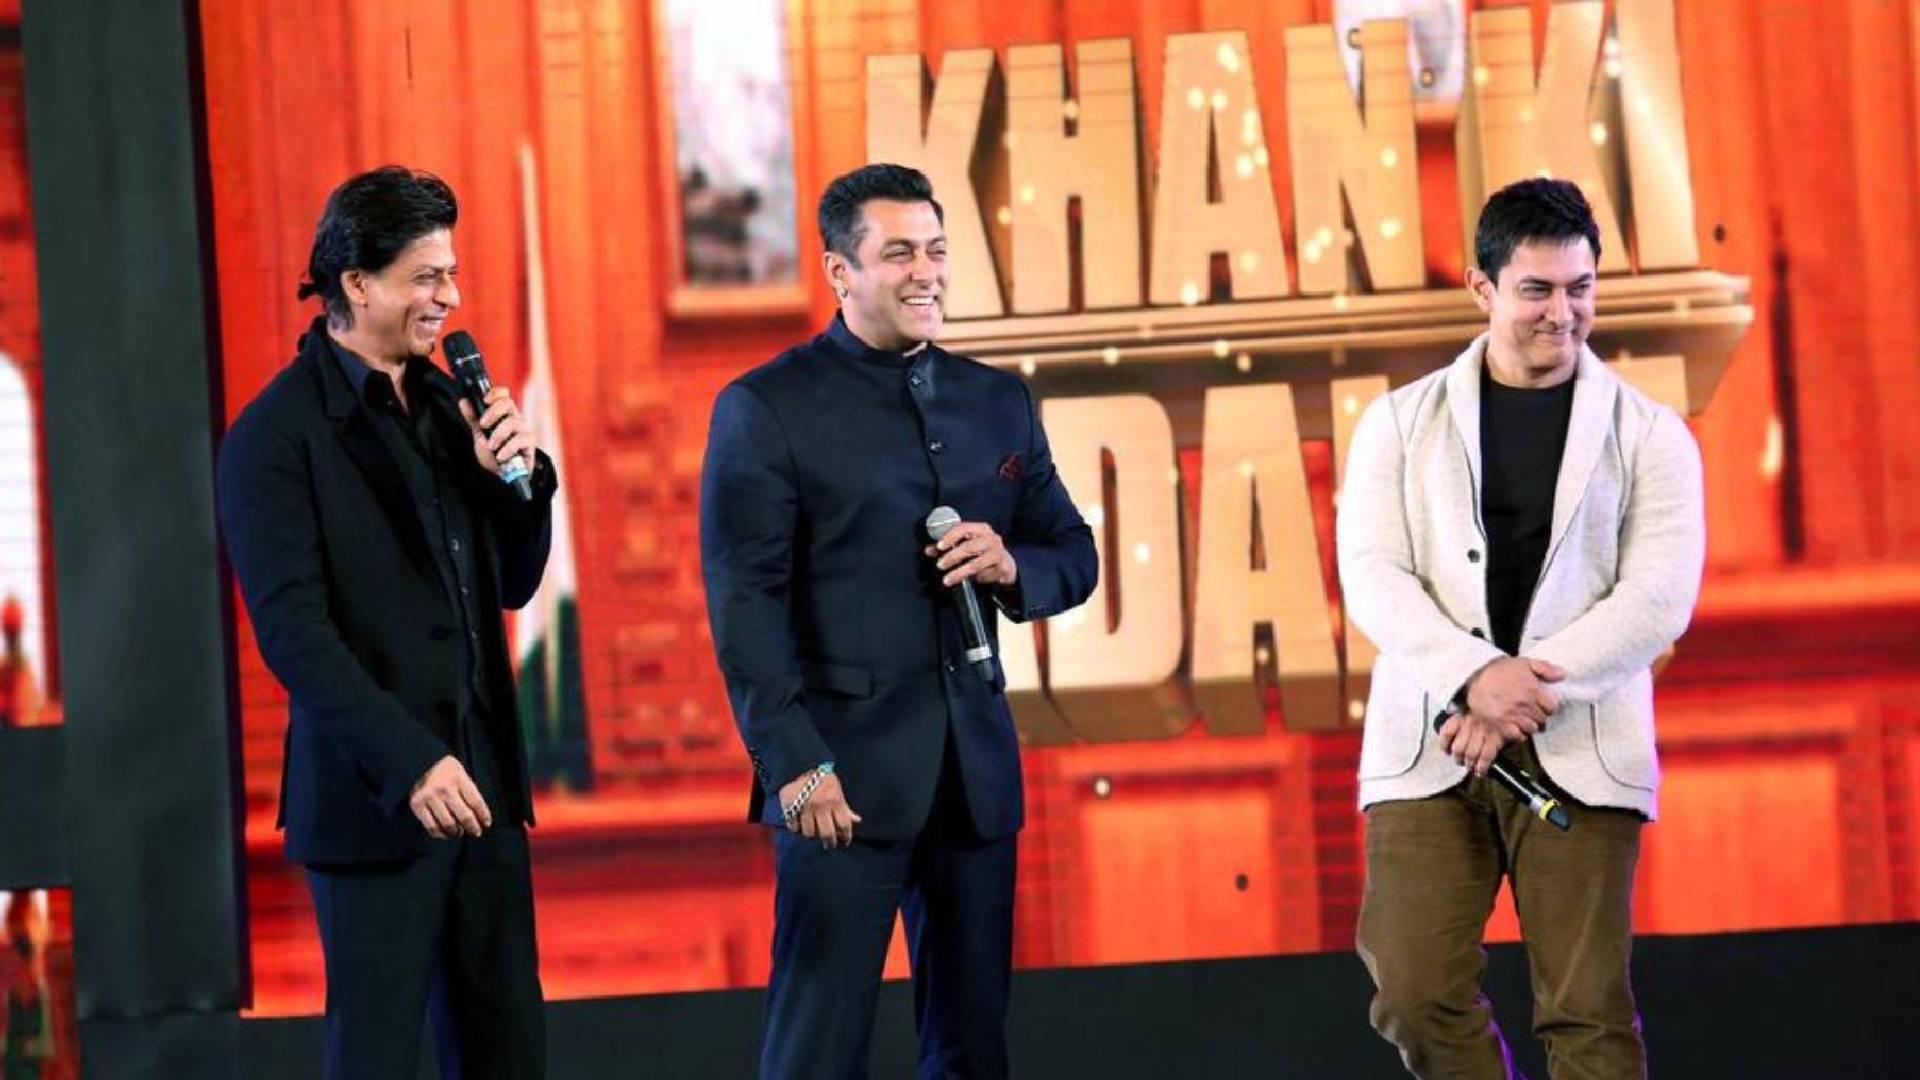 सलमान, शाहरुख और आमिर खान पहली बार करेंगे साथ काम, जल्द होगा इसका आधिकारिक ऐलान